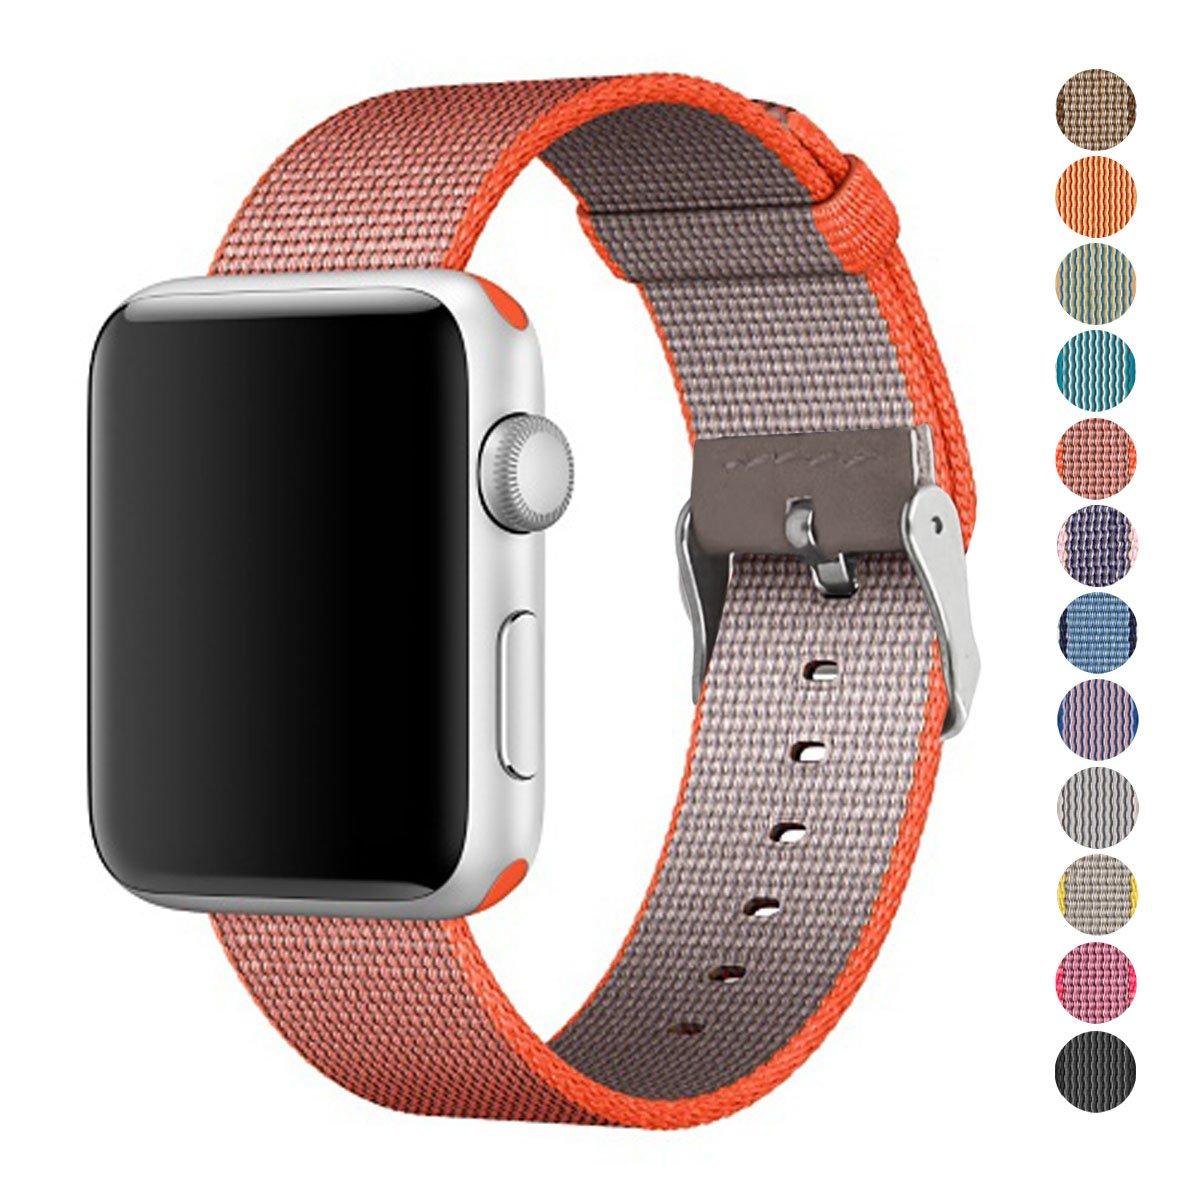 正規品販売! (パンテオン) Pantheon交換バンド Watch ユニセックス Apple 42mm Solid, Watch用 ナイロン織生地 38mmまたは42mmのApple Watch 1 1 2 3 とNike版に対応 B075T5YVKP Solid, Orange and Gray 42mm 42mm Solid, Orange and Gray, 手作り家具工房 食器棚専門店:58d29bb7 --- diceanalytics.pk